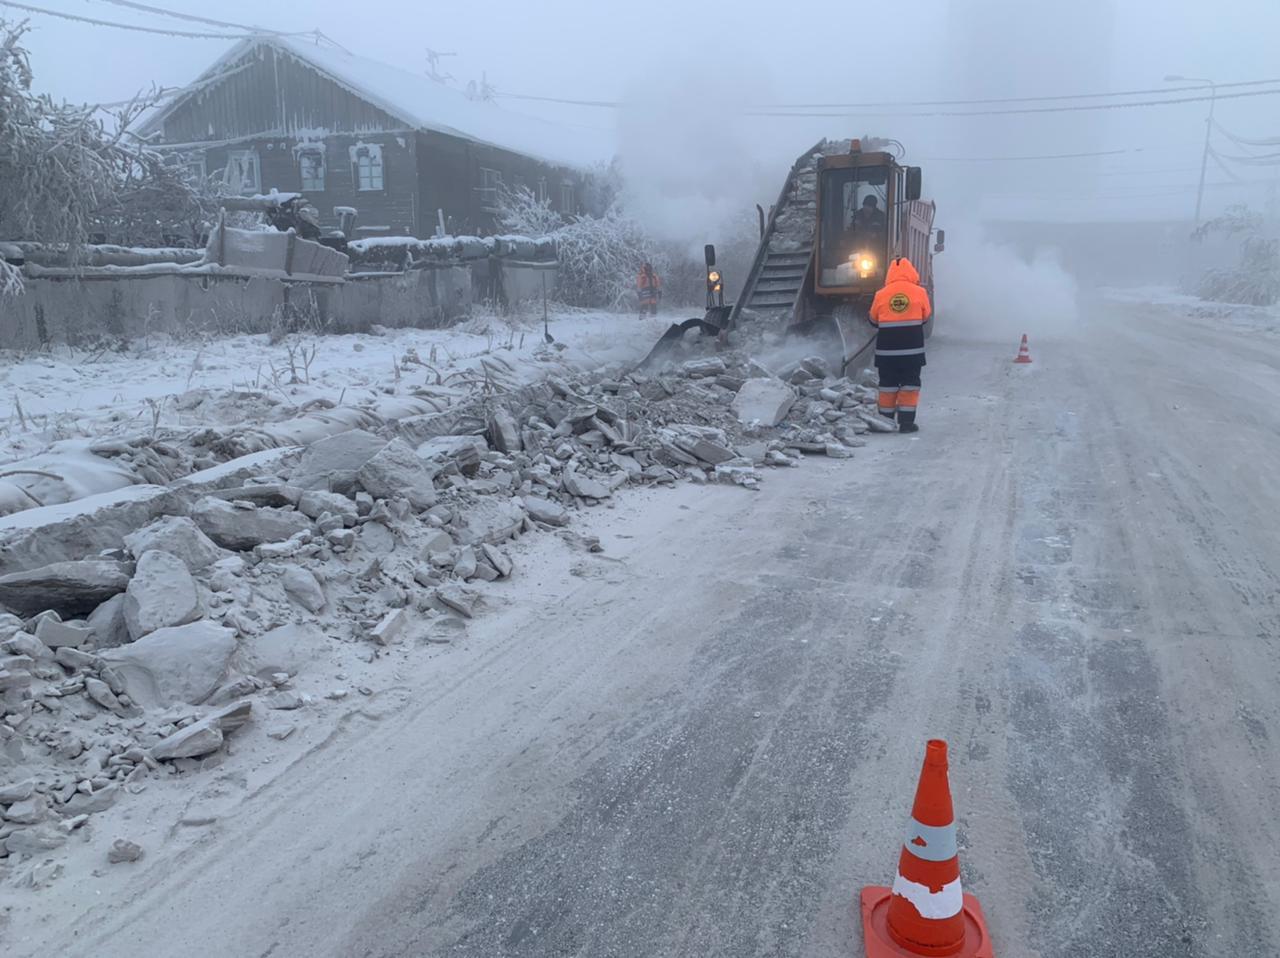 Дорожниками и техникой АО «Якутдорстрой» продолжаются работы по уборке и вывозу снега с улиц города